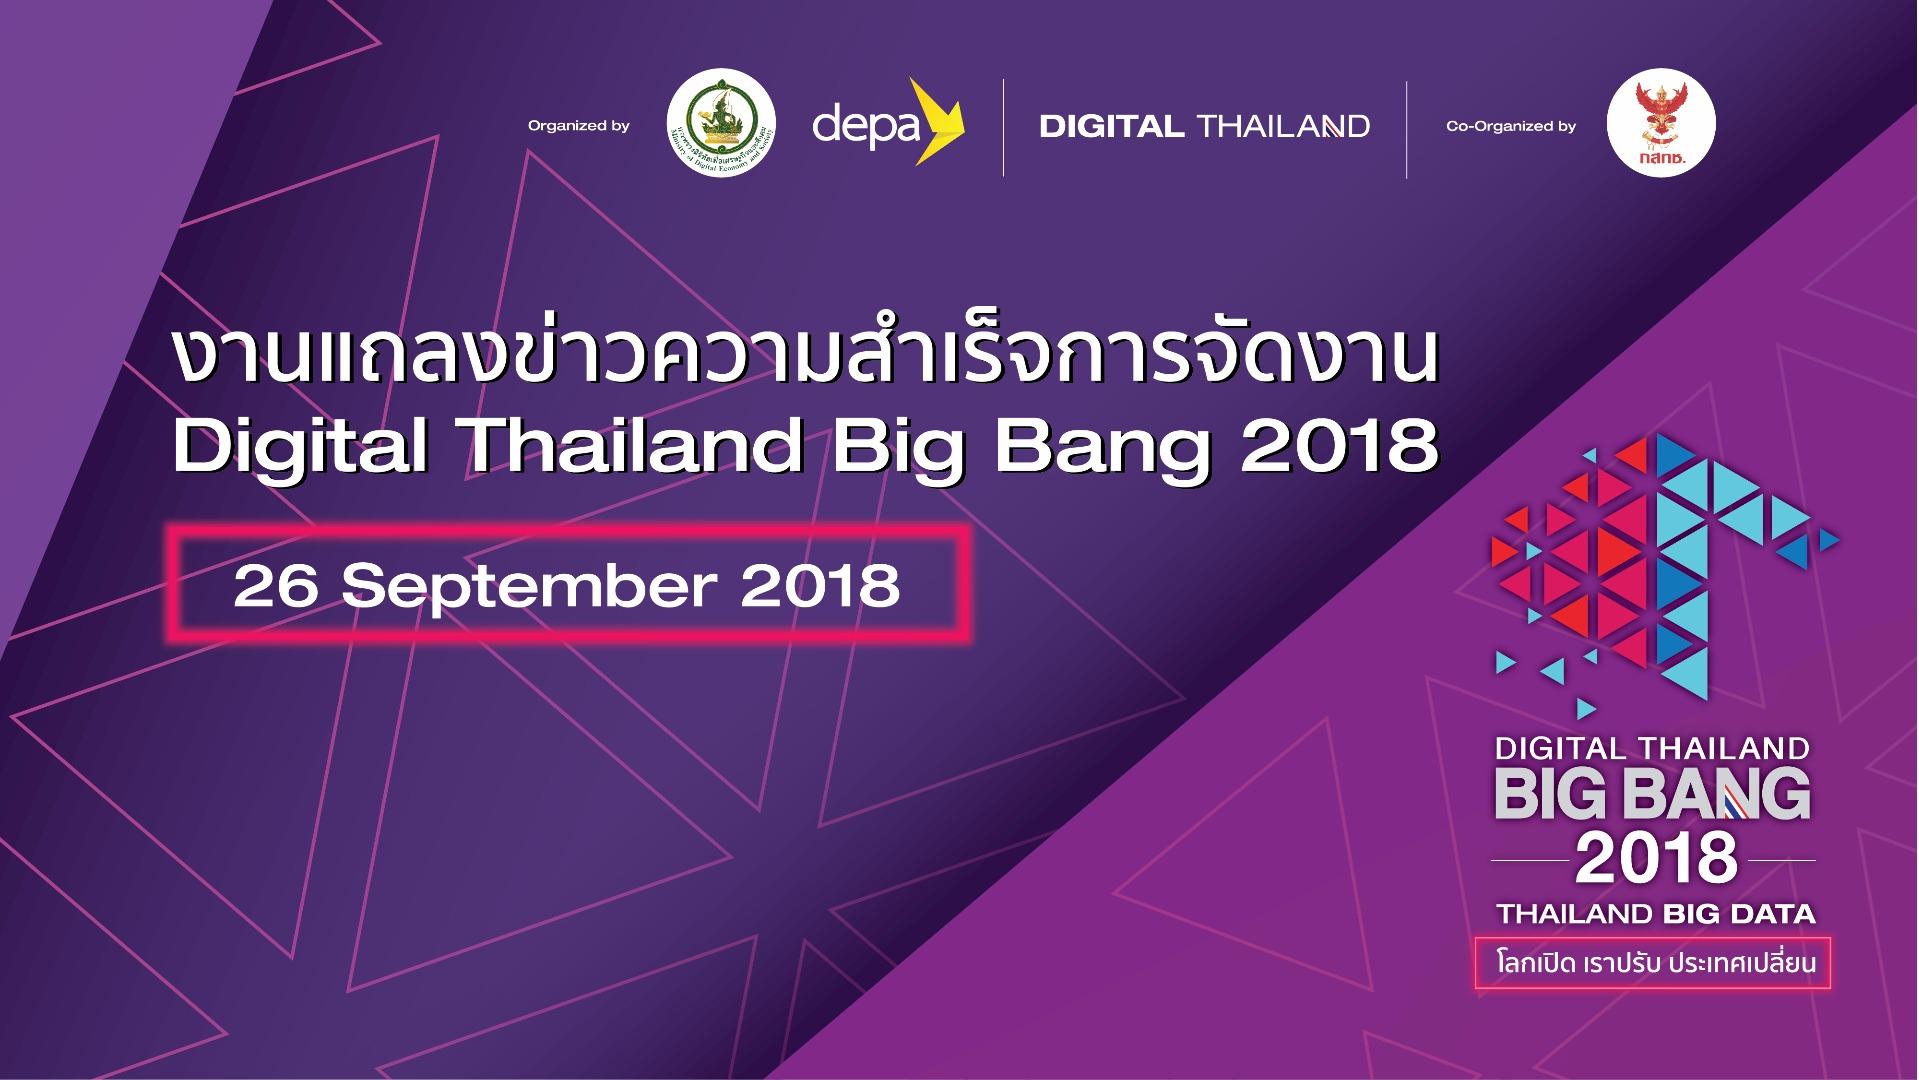 ชมย้อนหลัง แถลงข่าวความสำเร็จการจัดงาน Digital Thailand Big Bang 2018